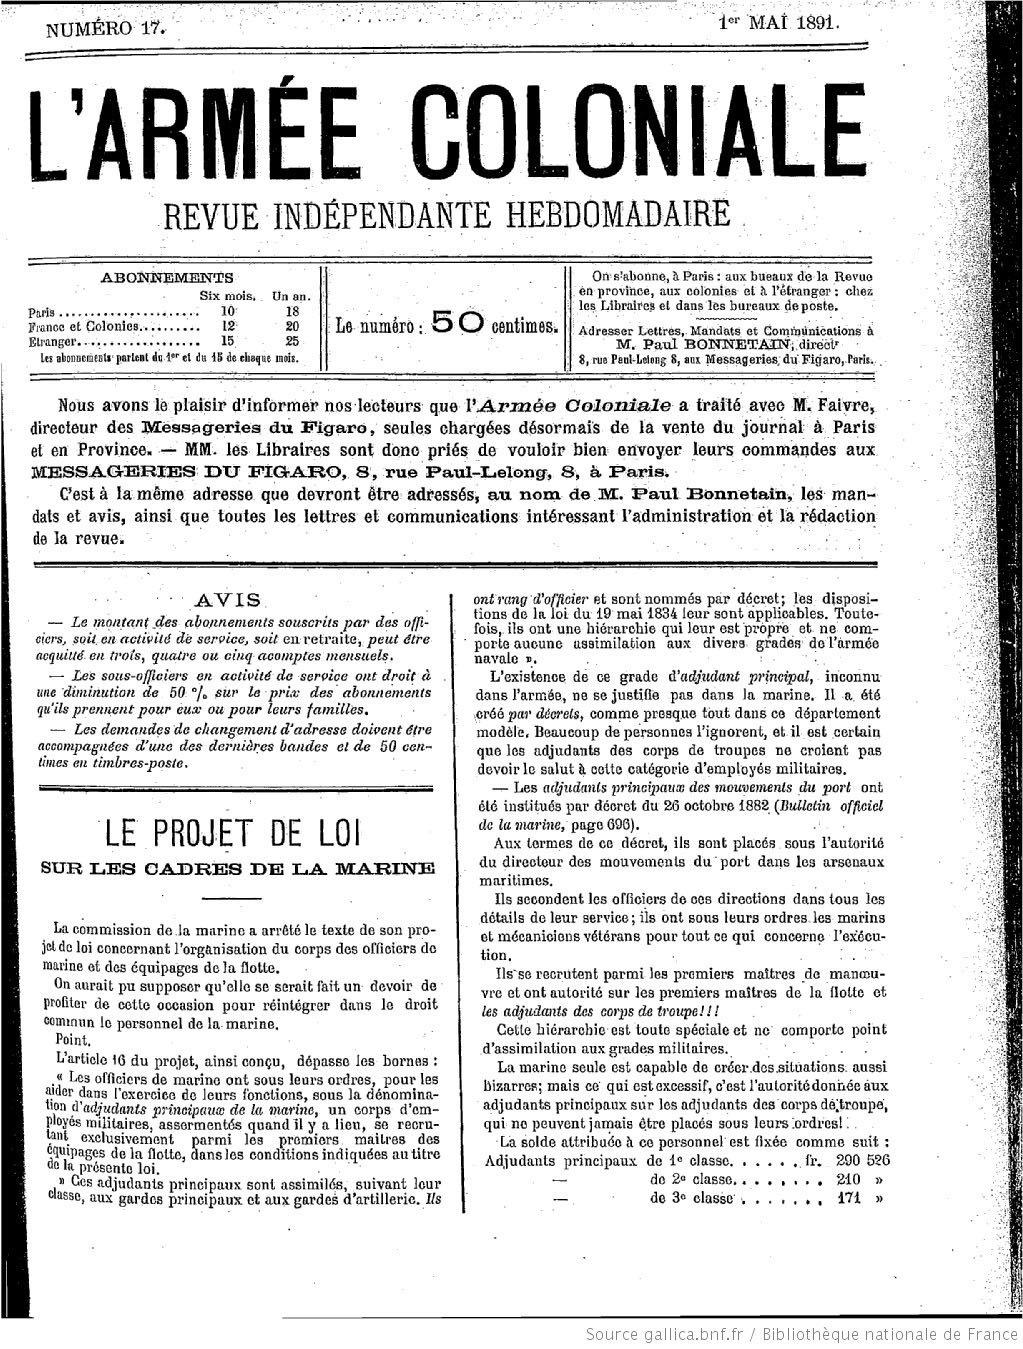 L'armée coloniale – Aux îles Sous-le-Vent révélations – La situation à Raiatea (1891)